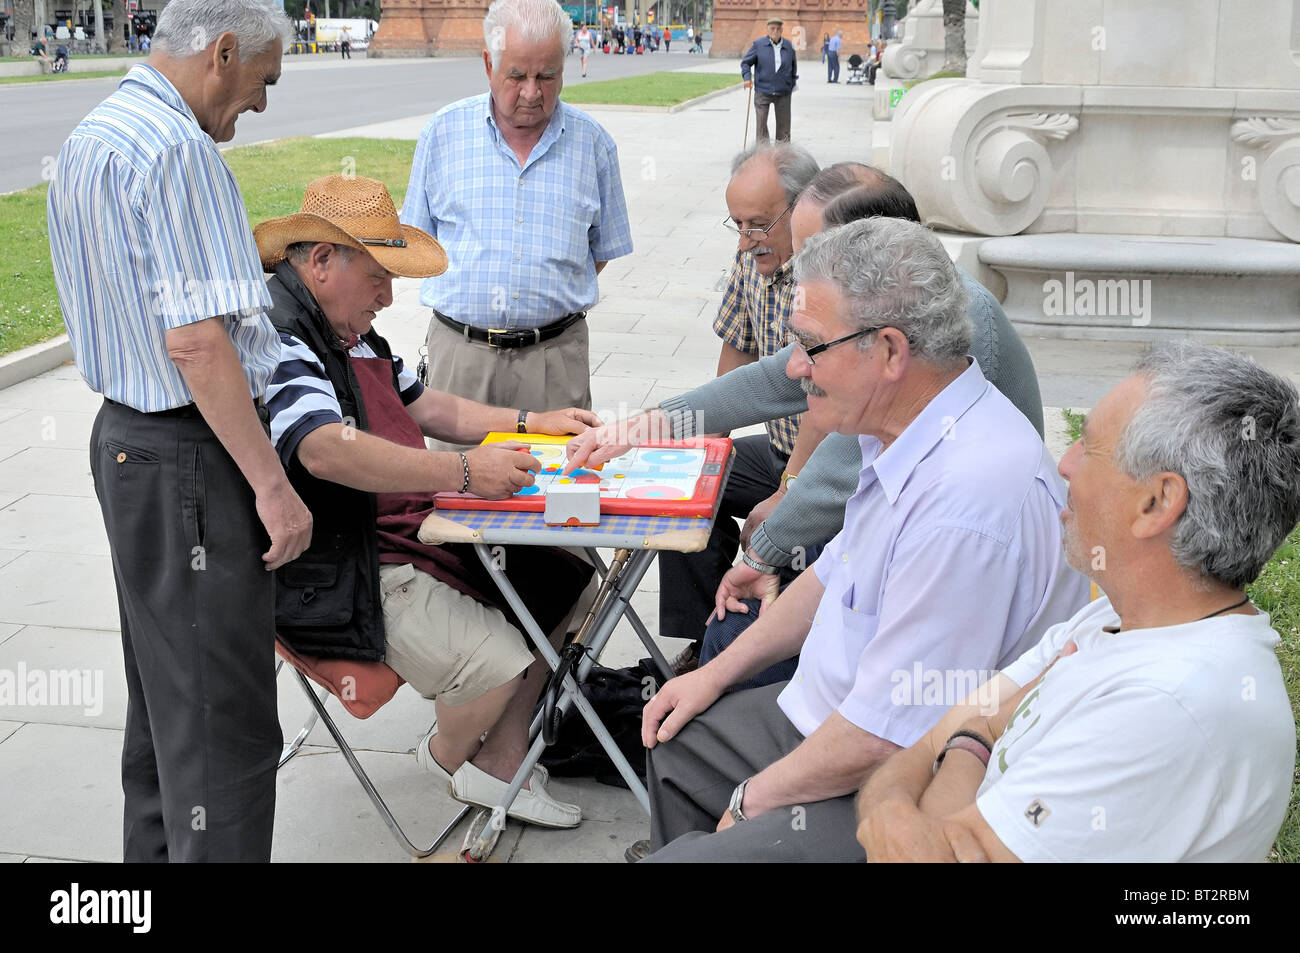 Los hombres jubilados jugando a un juego de tablero Imagen De Stock